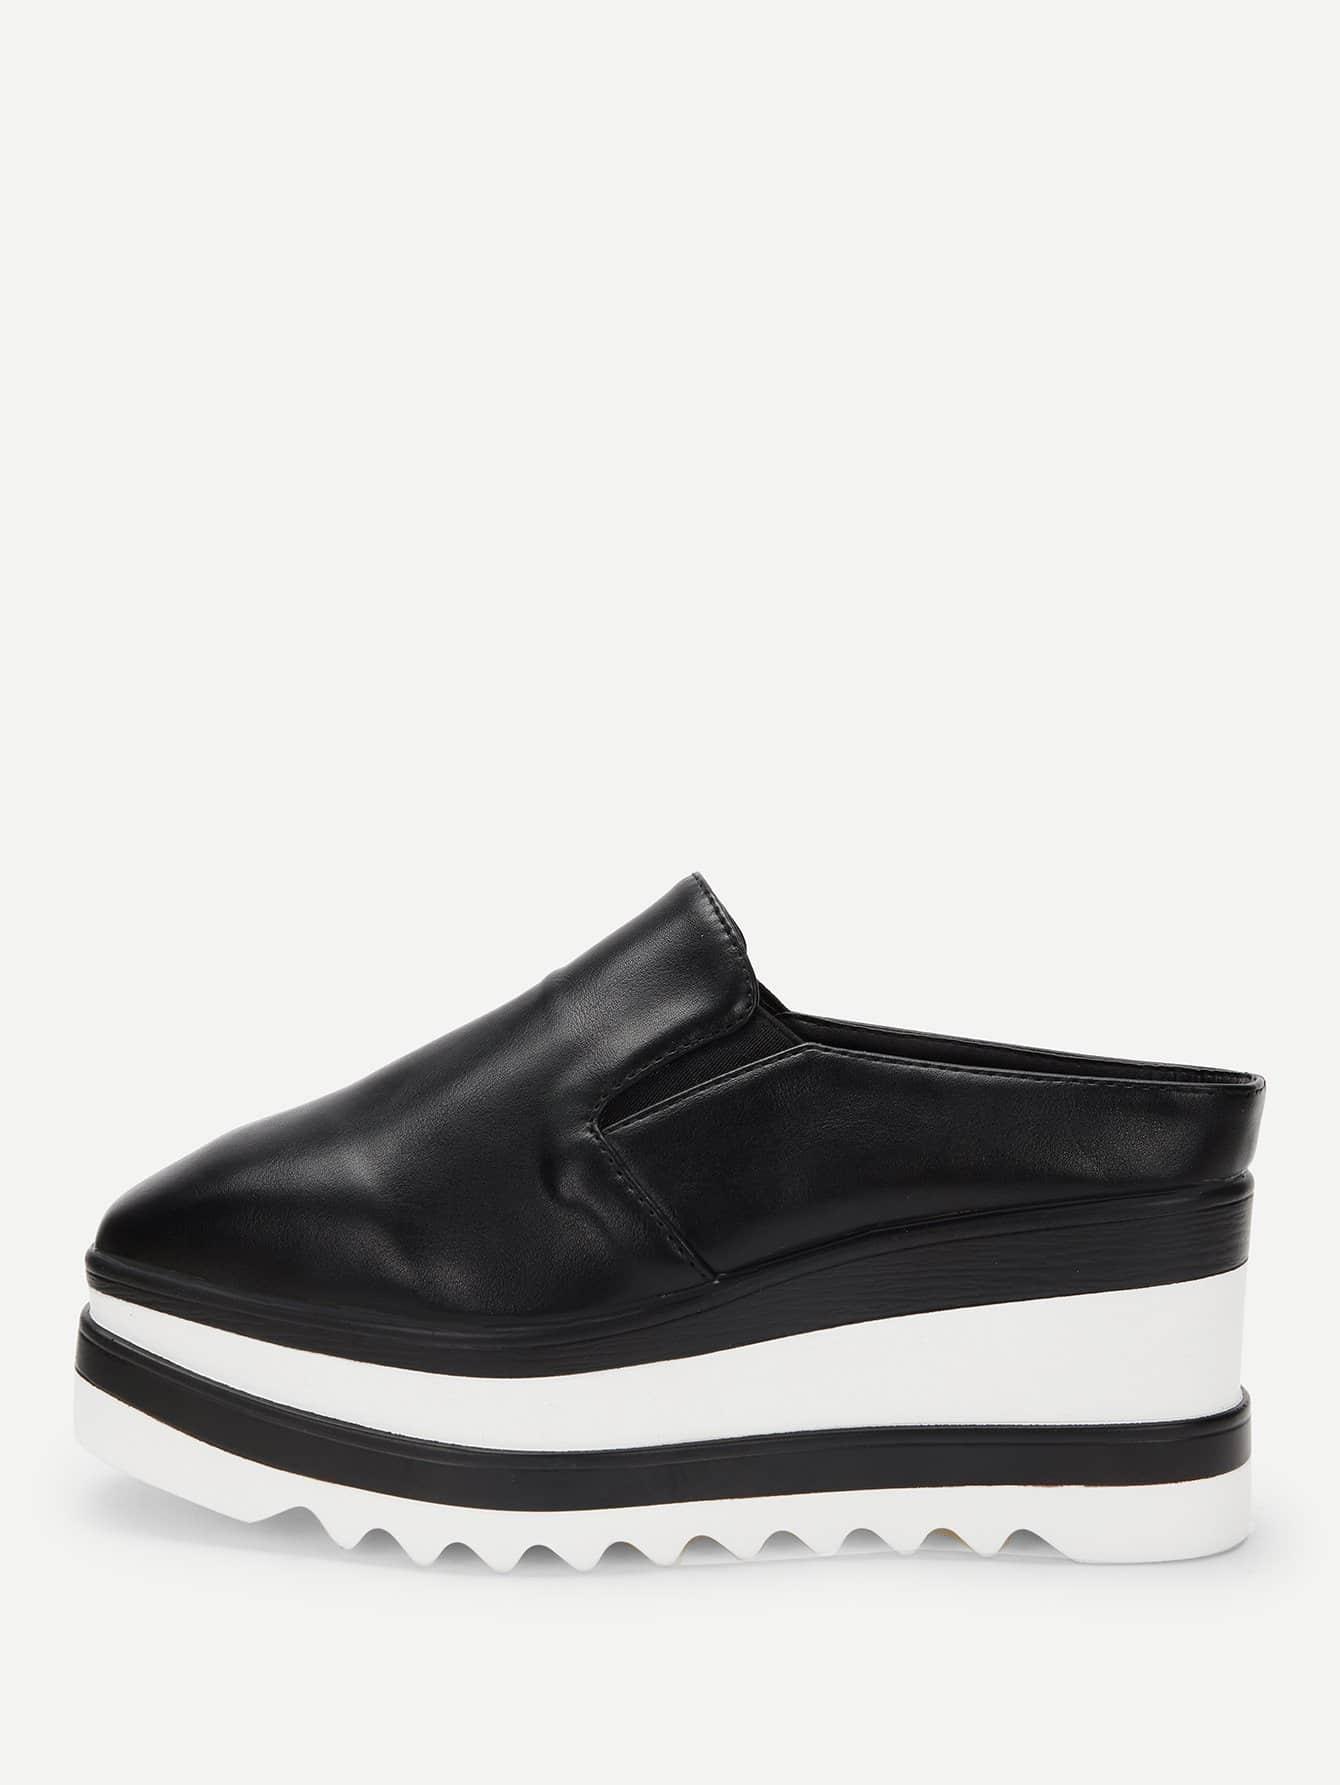 Купить Остроконечные туфли на танкетке, null, SheIn